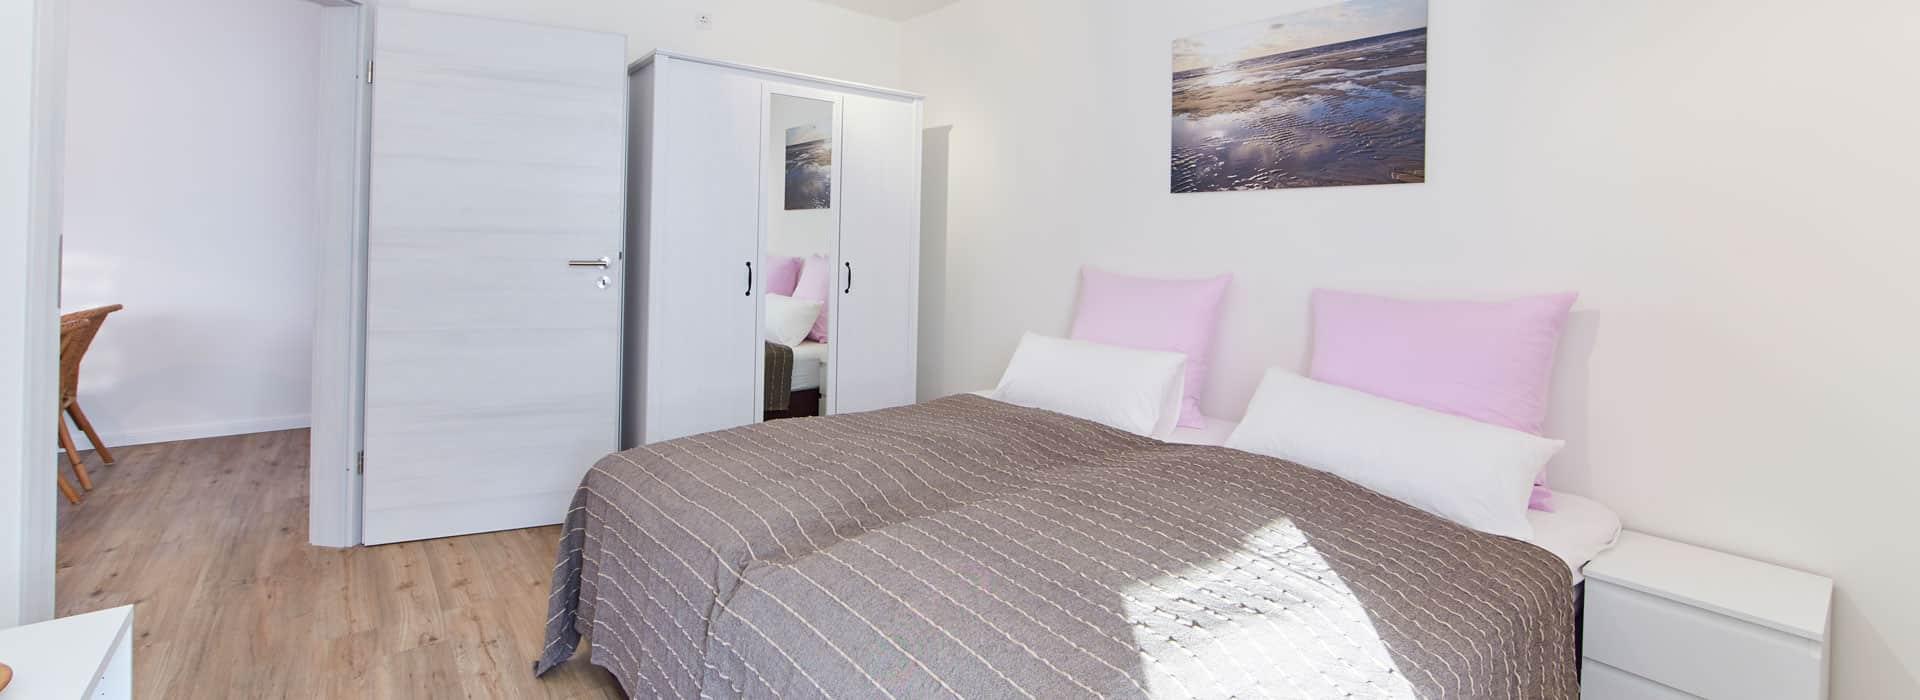 Das Schlafzimmer mit Schrank und Nachtisch.